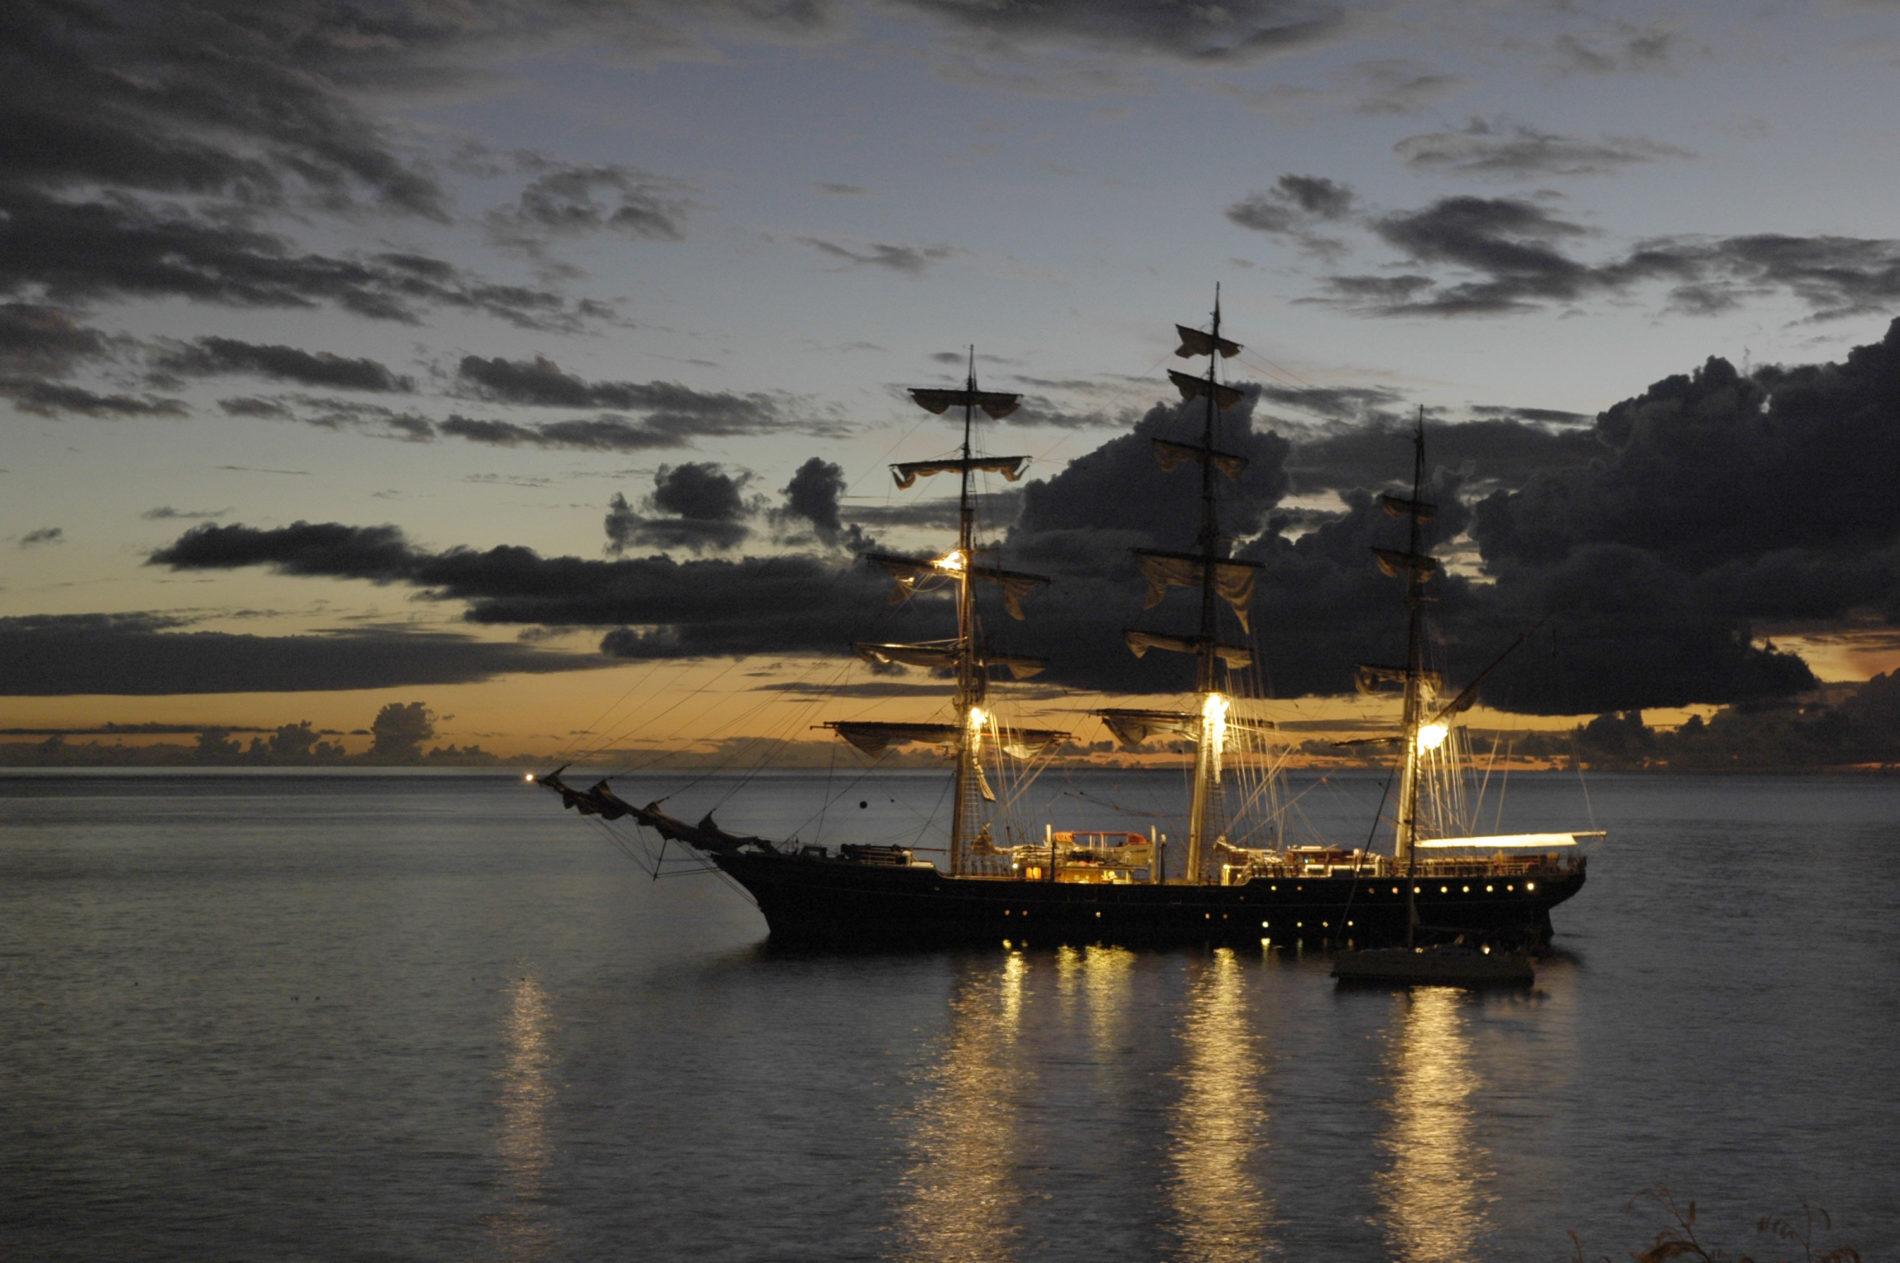 Zeilboot Stad Amsterdam in de zee met drie velle lichten aan de masten